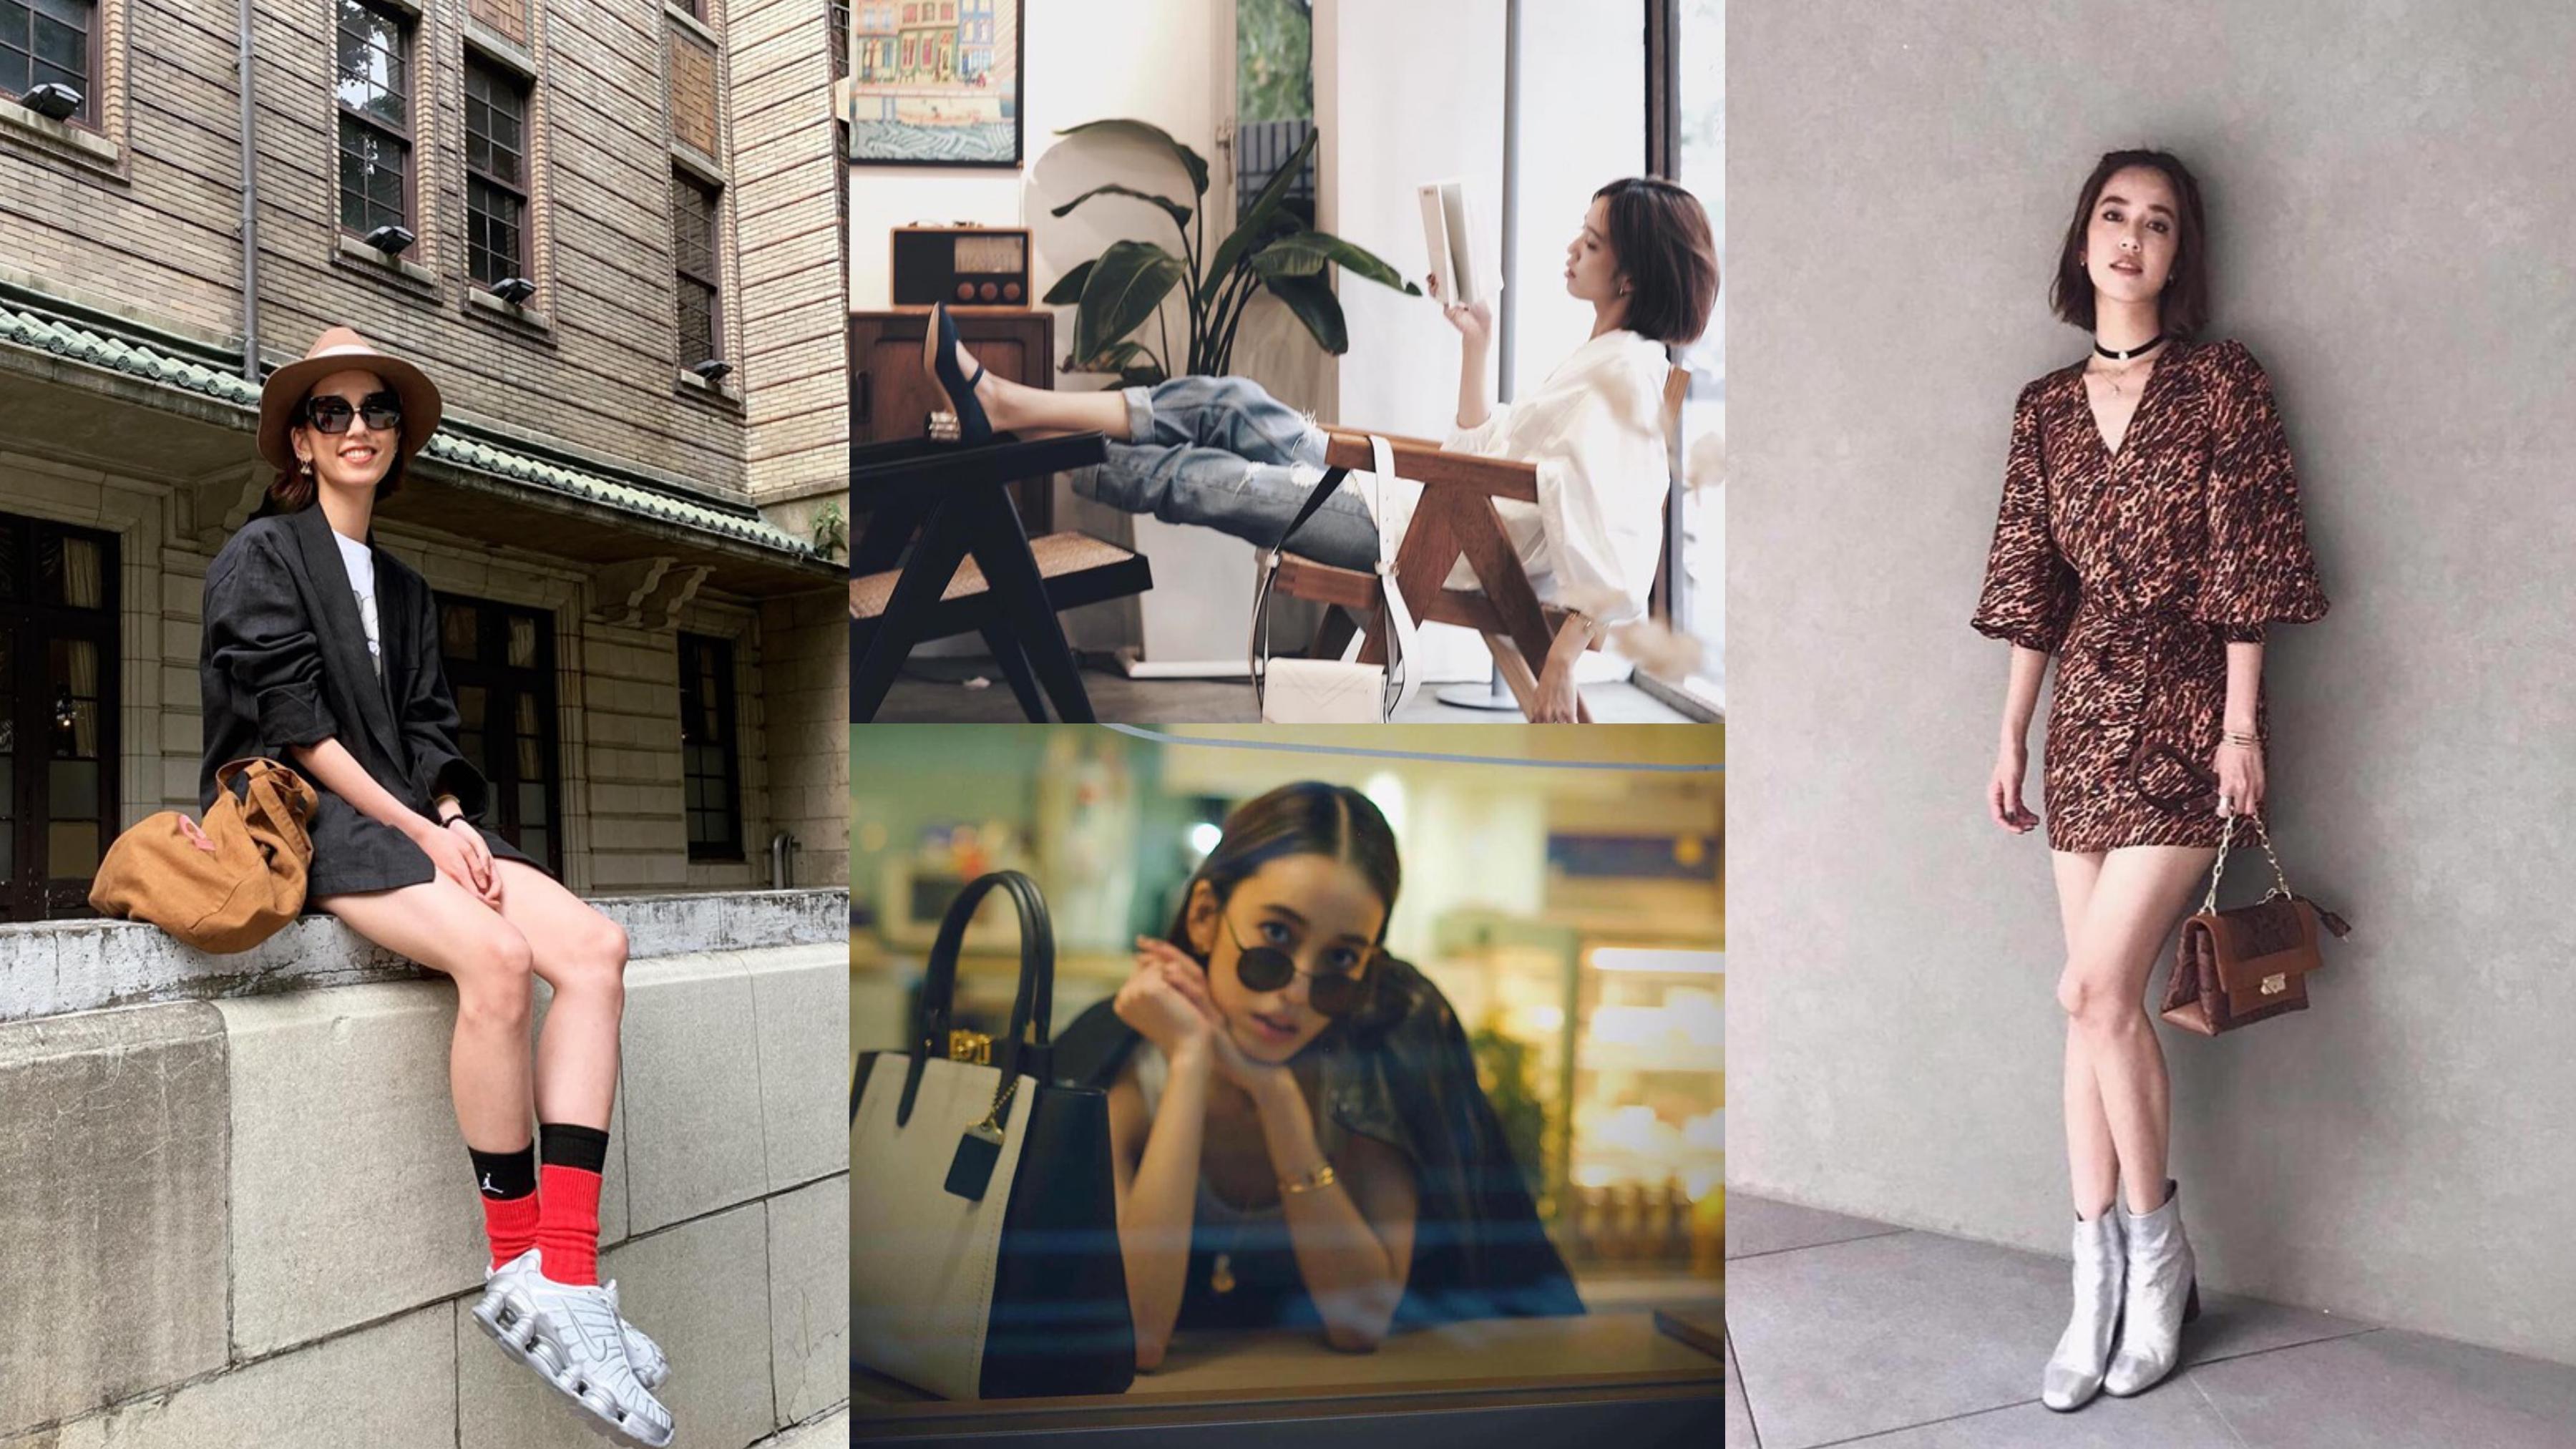 時尚女神陳庭妮的穿搭黃金公式,5種組合讓妳不用動腦、套上出門就好時髦